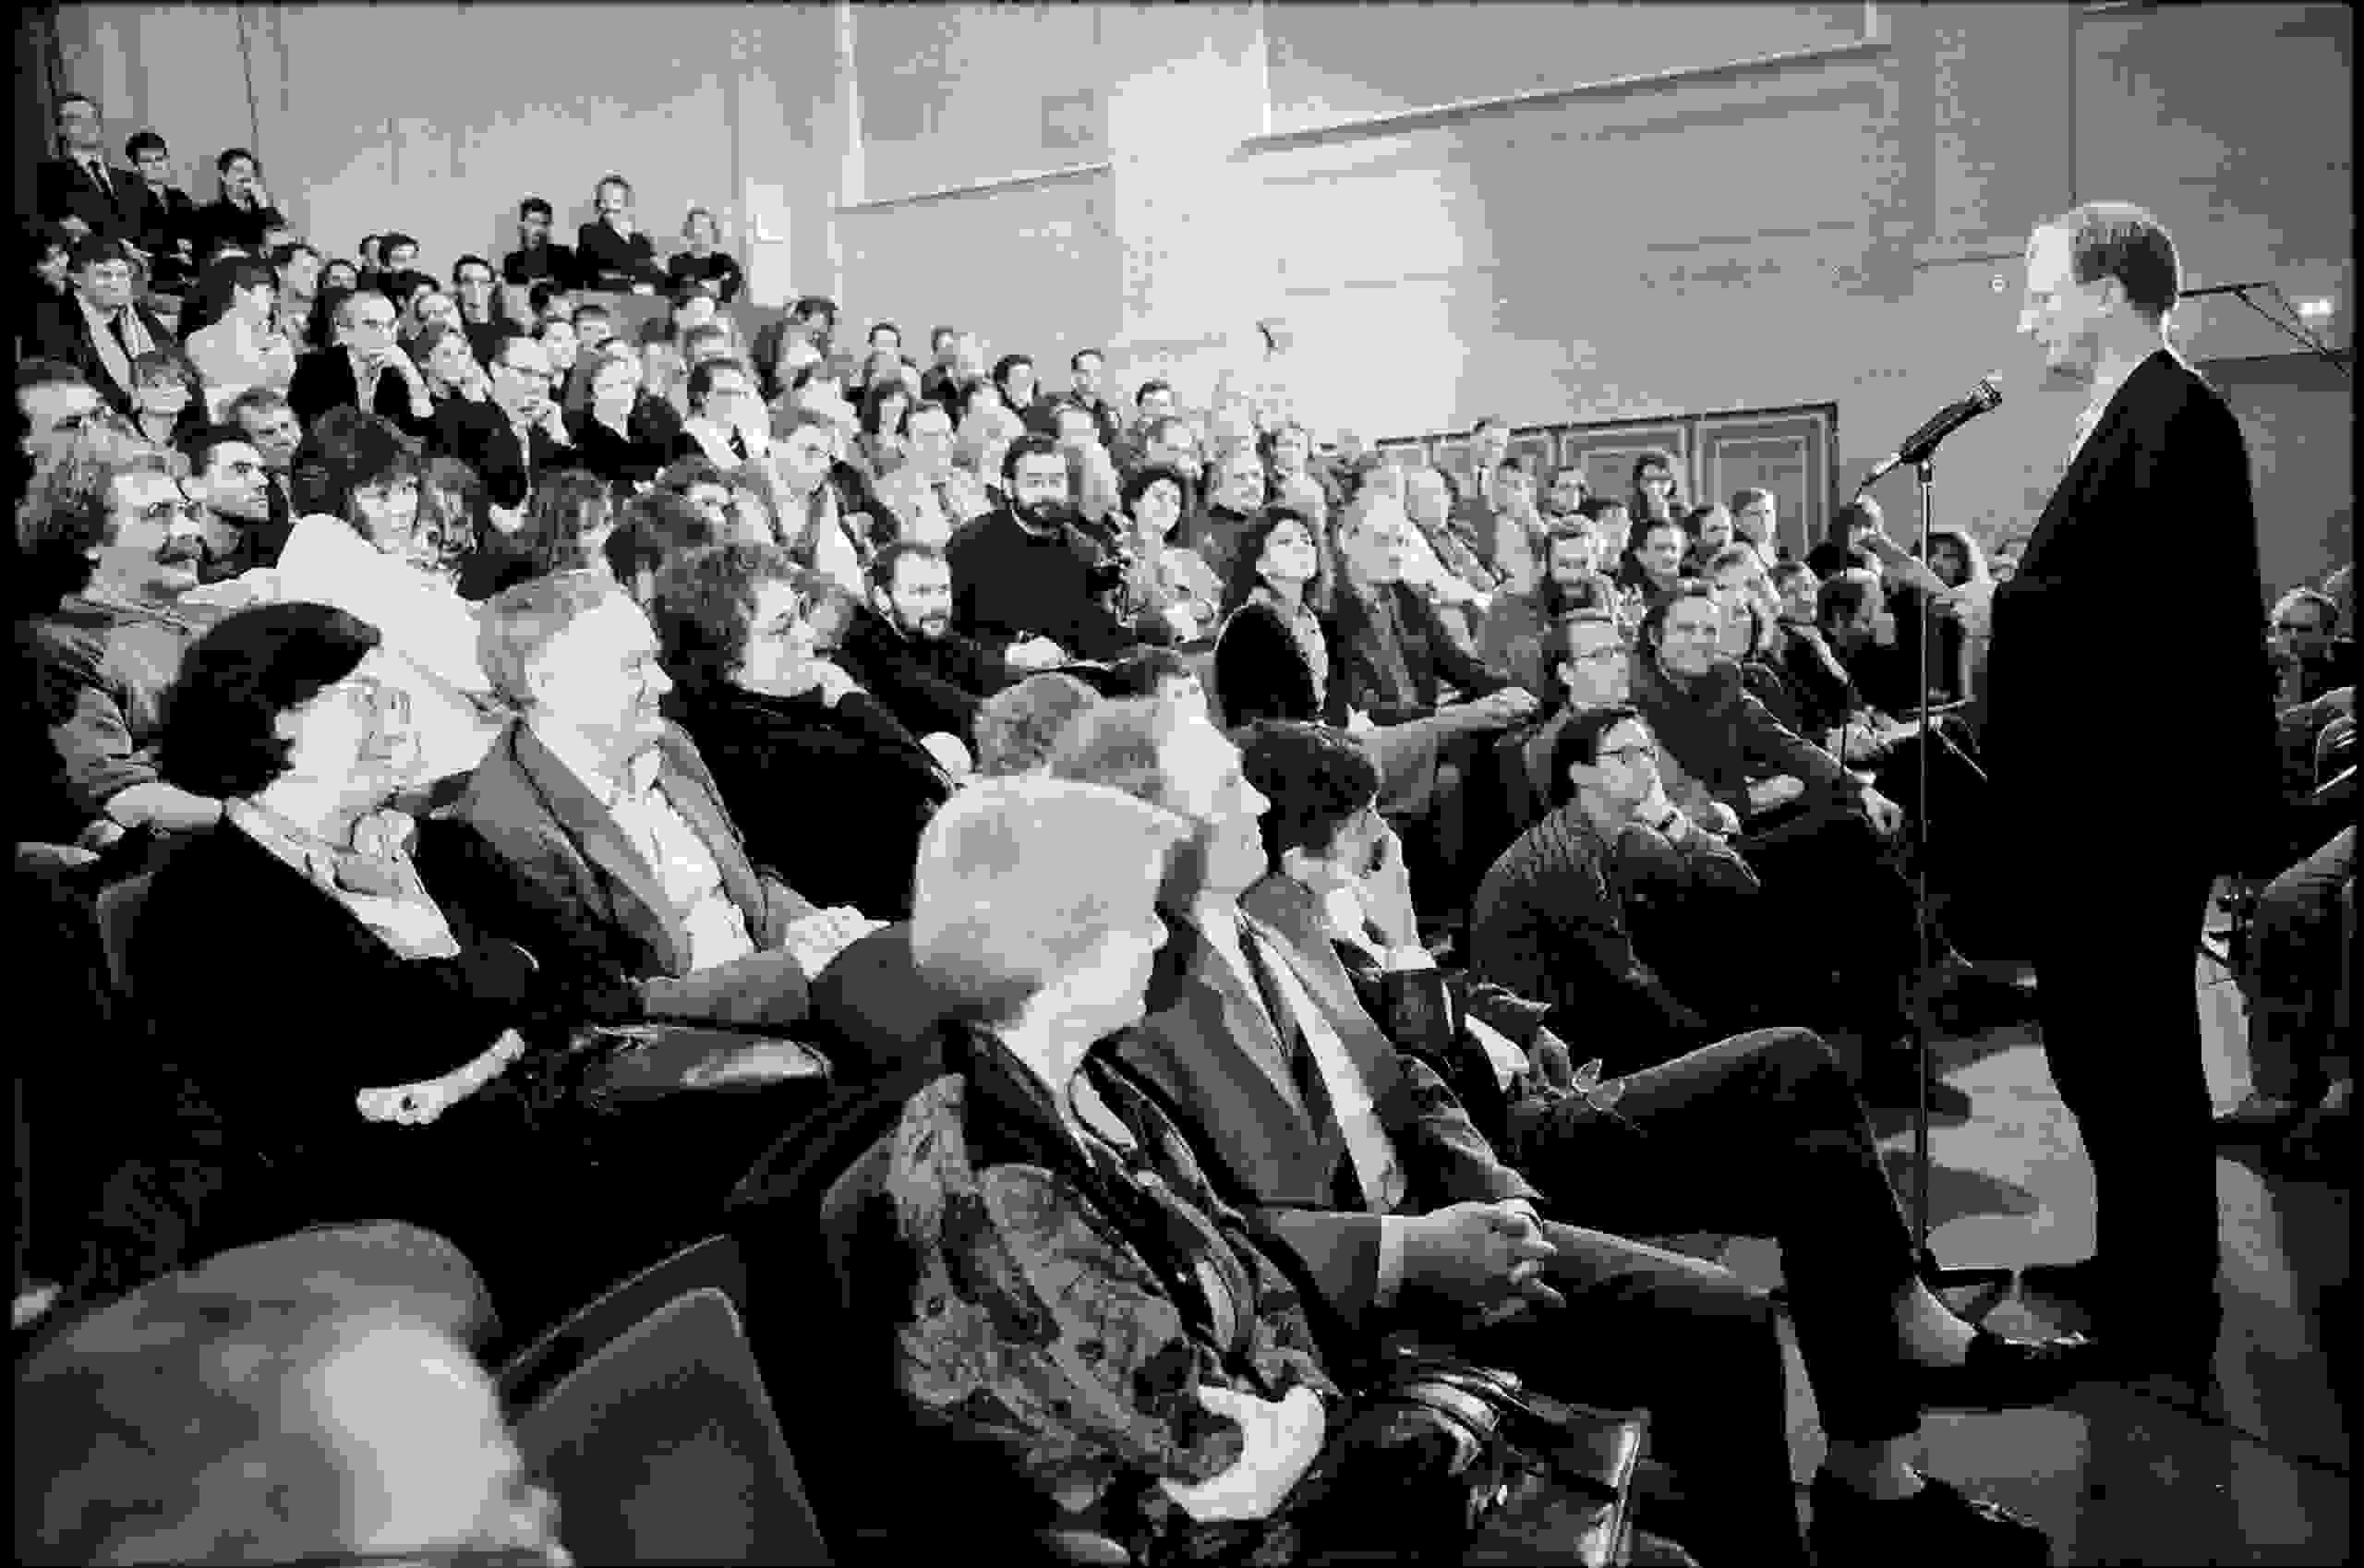 Klaus Staeck bei einer Rede im Plenarsaal der Akademie der Künste, Ost-Berlin 1989